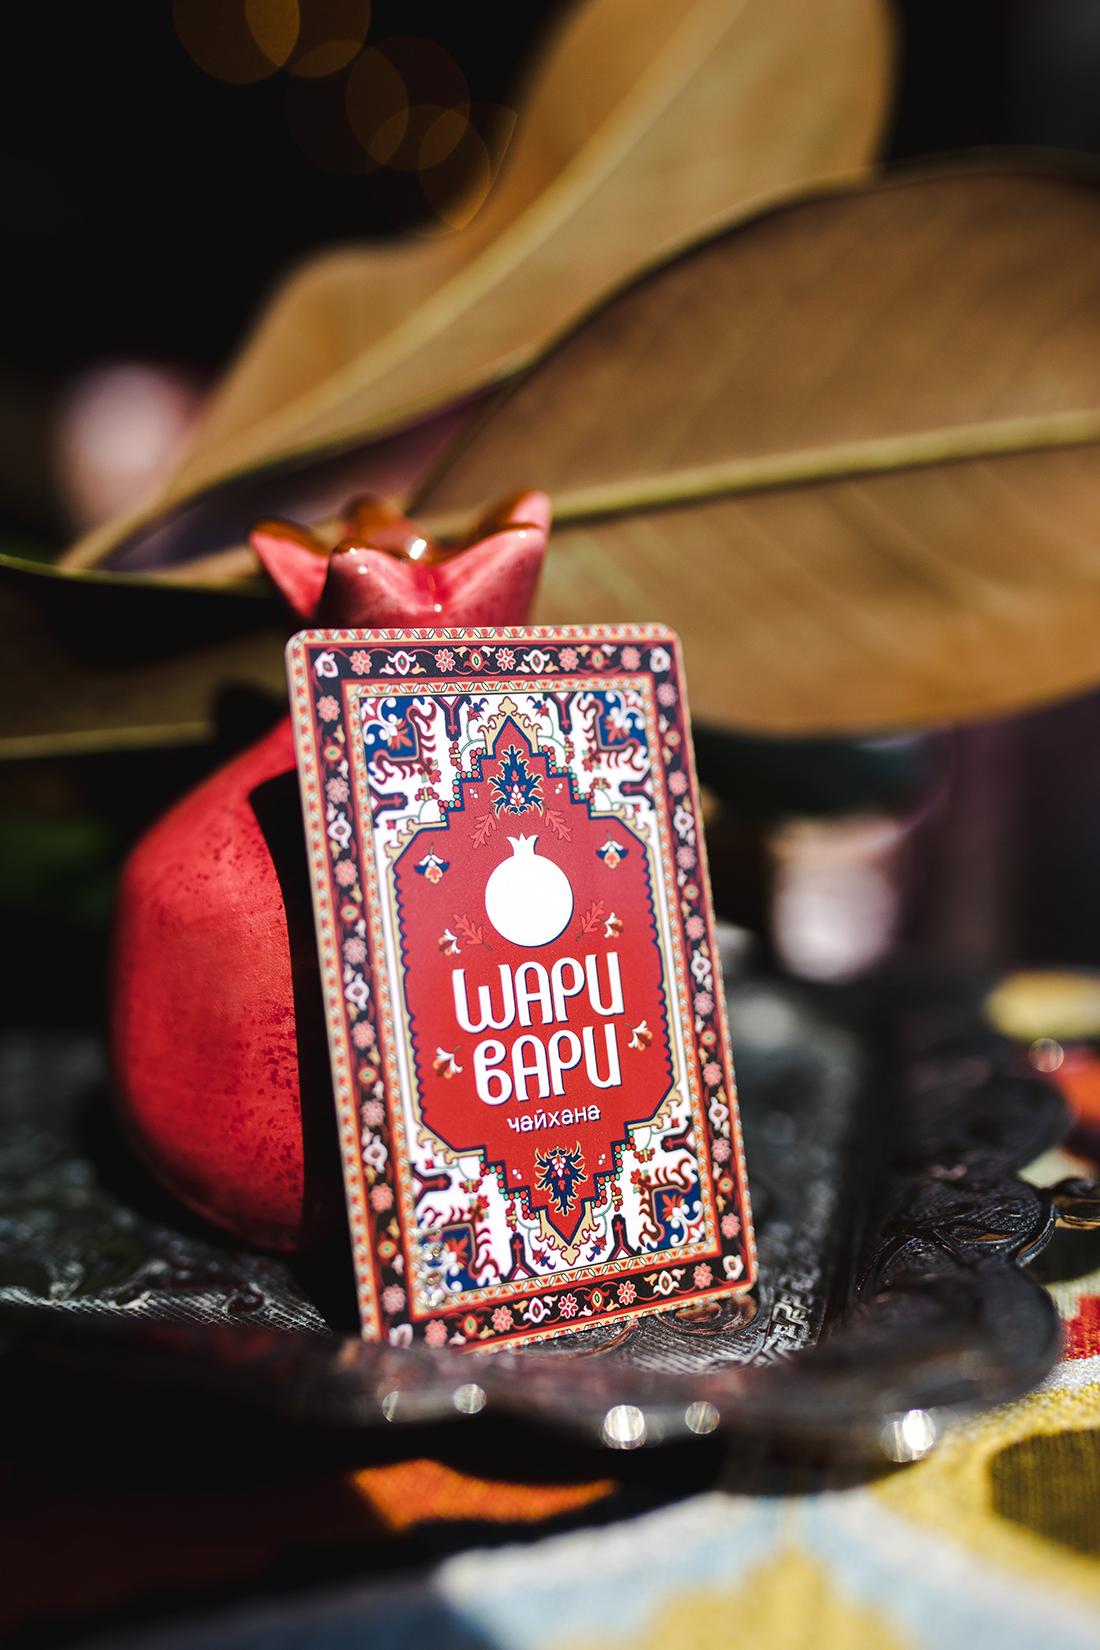 Shari Vari. Chaihana branding